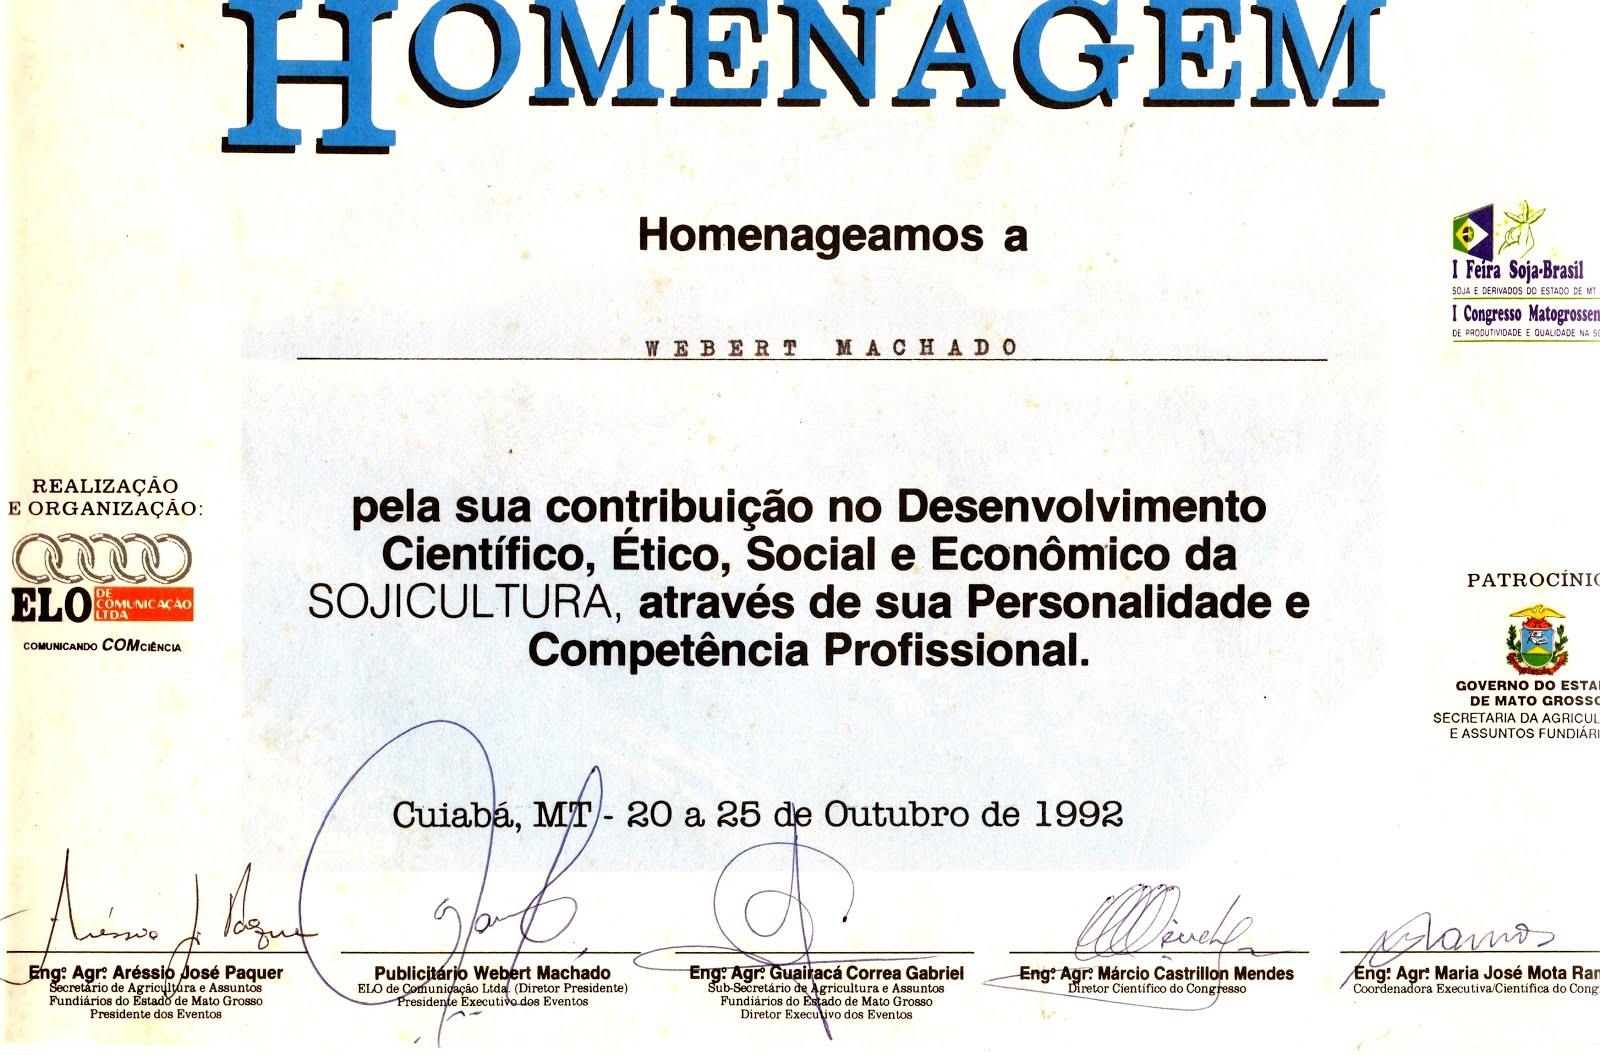 Governo do Estado de Mato Grosso - Elo de Comunicação Ltda.